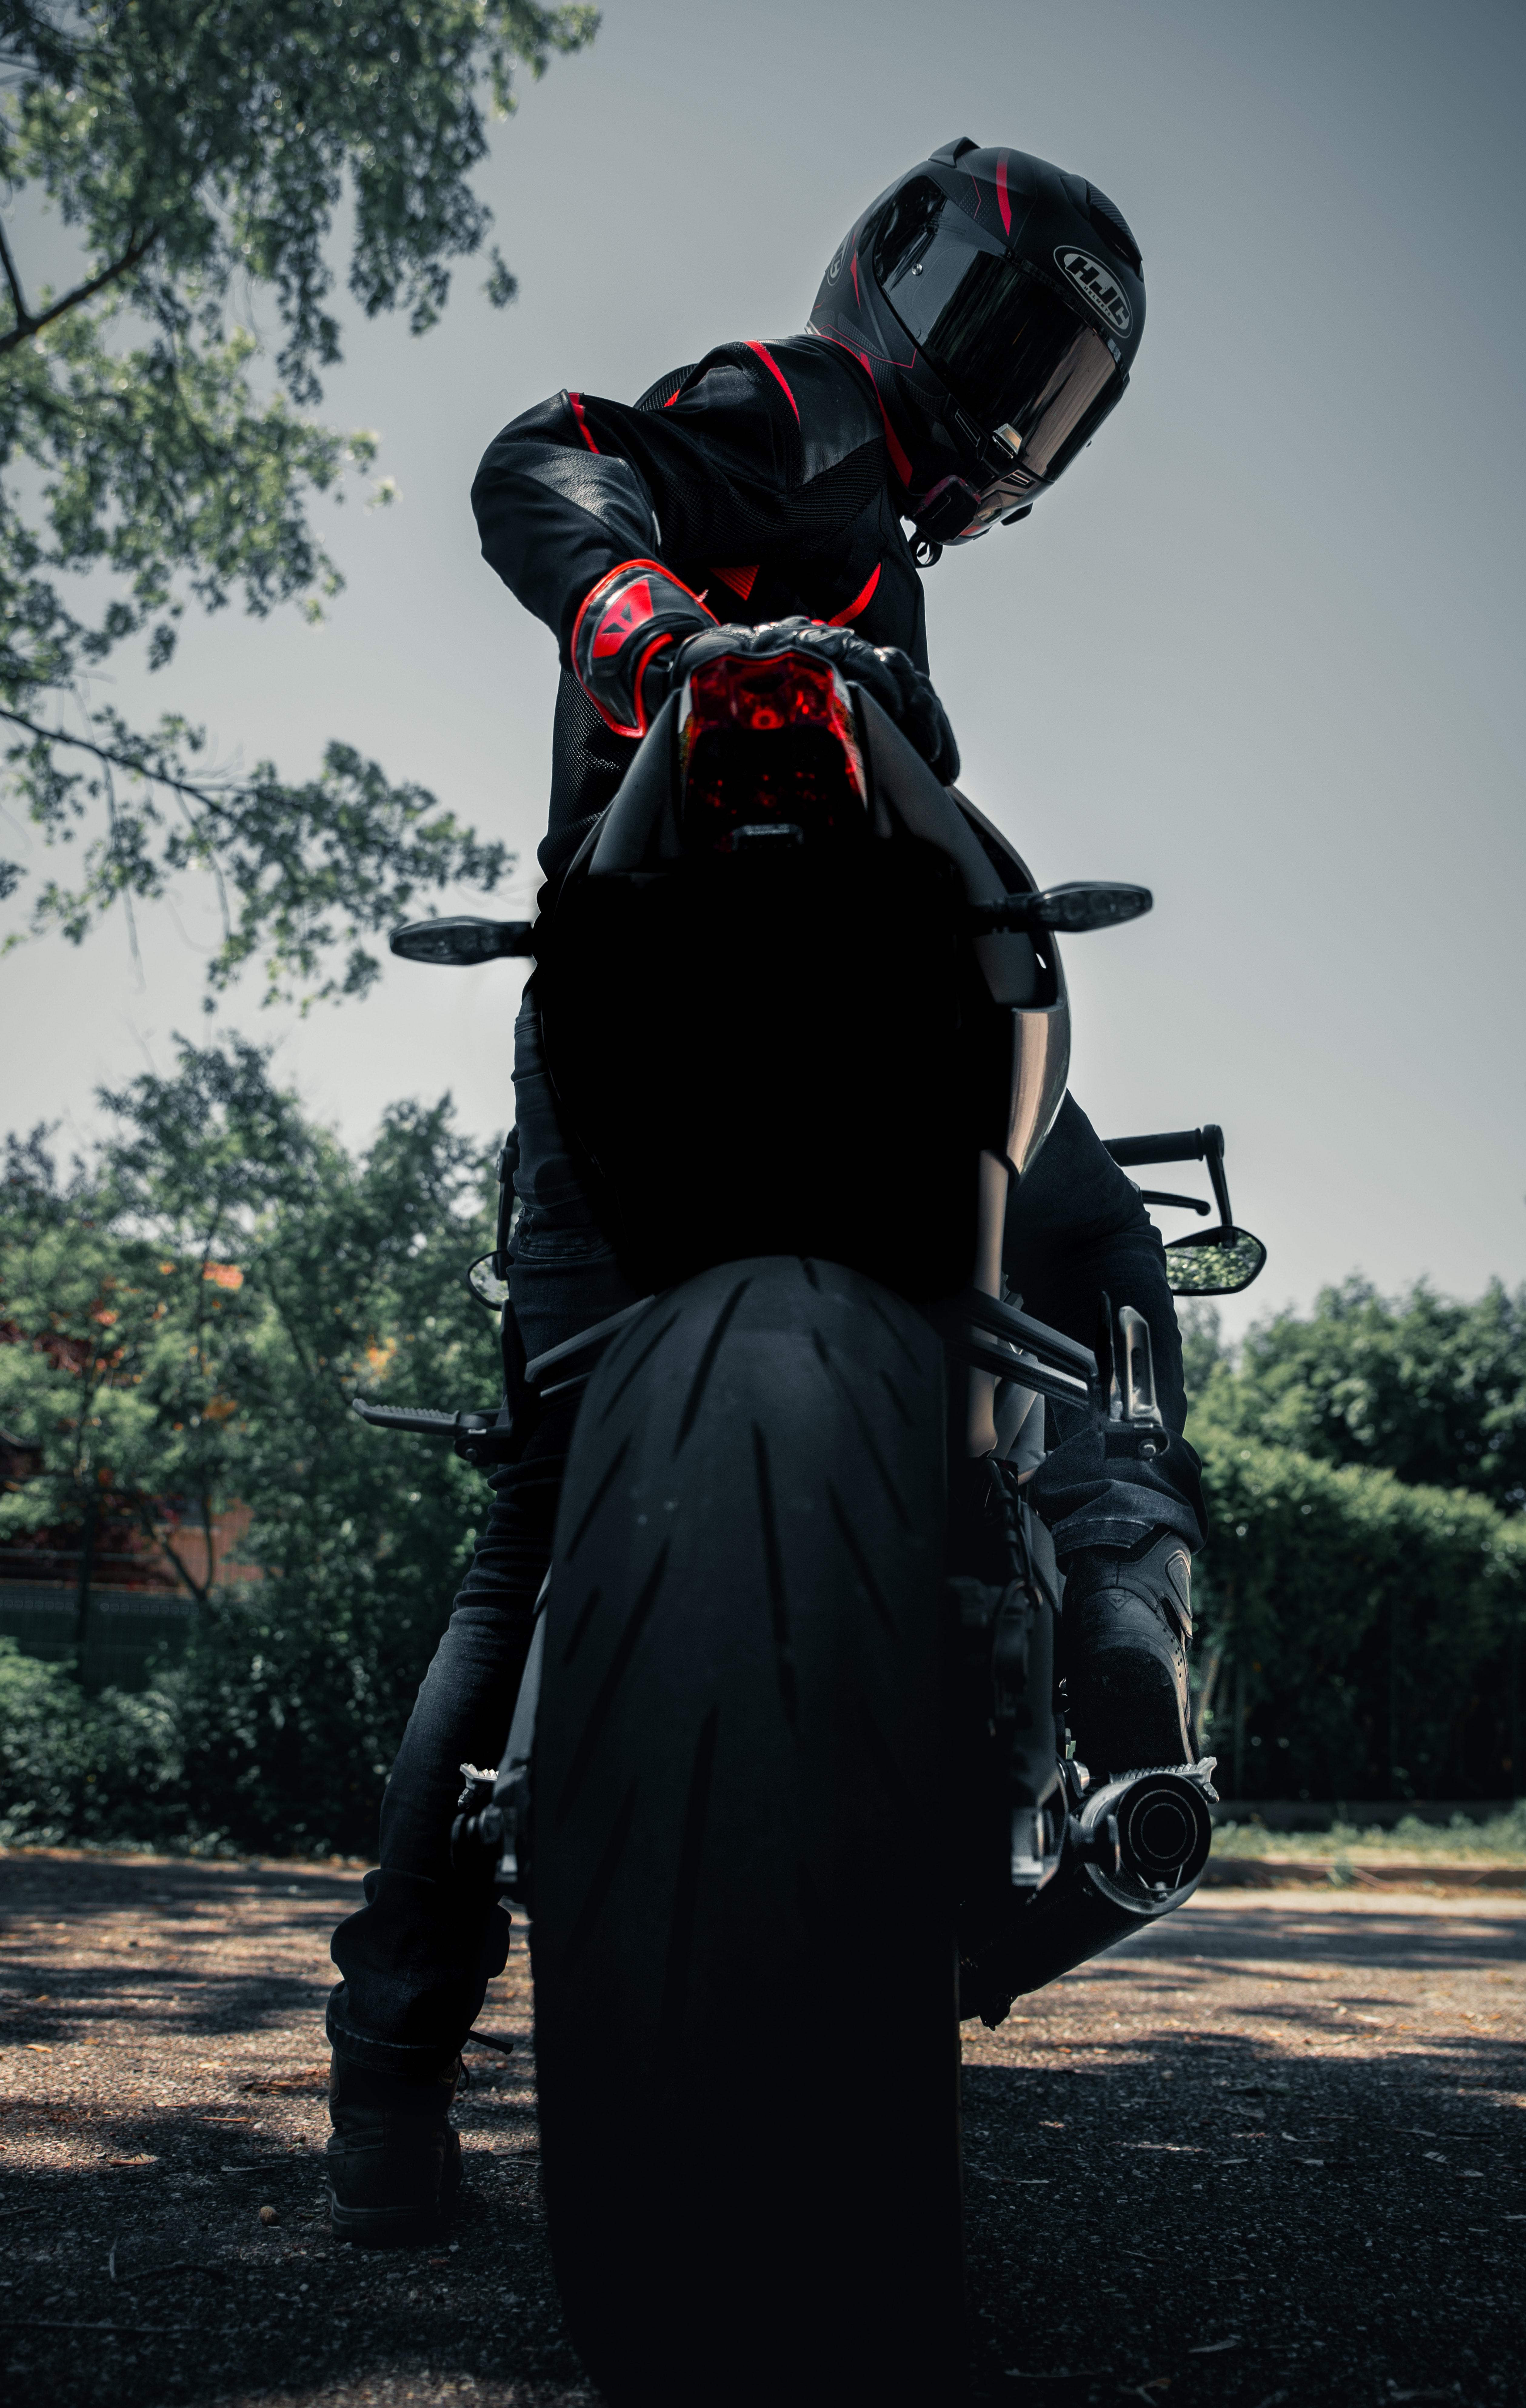 71522 Заставки и Обои Мотоциклы на телефон. Скачать Мотоциклы, Байк, Мотоциклист, Шлем, Мотоцикл, Вид Снизу картинки бесплатно